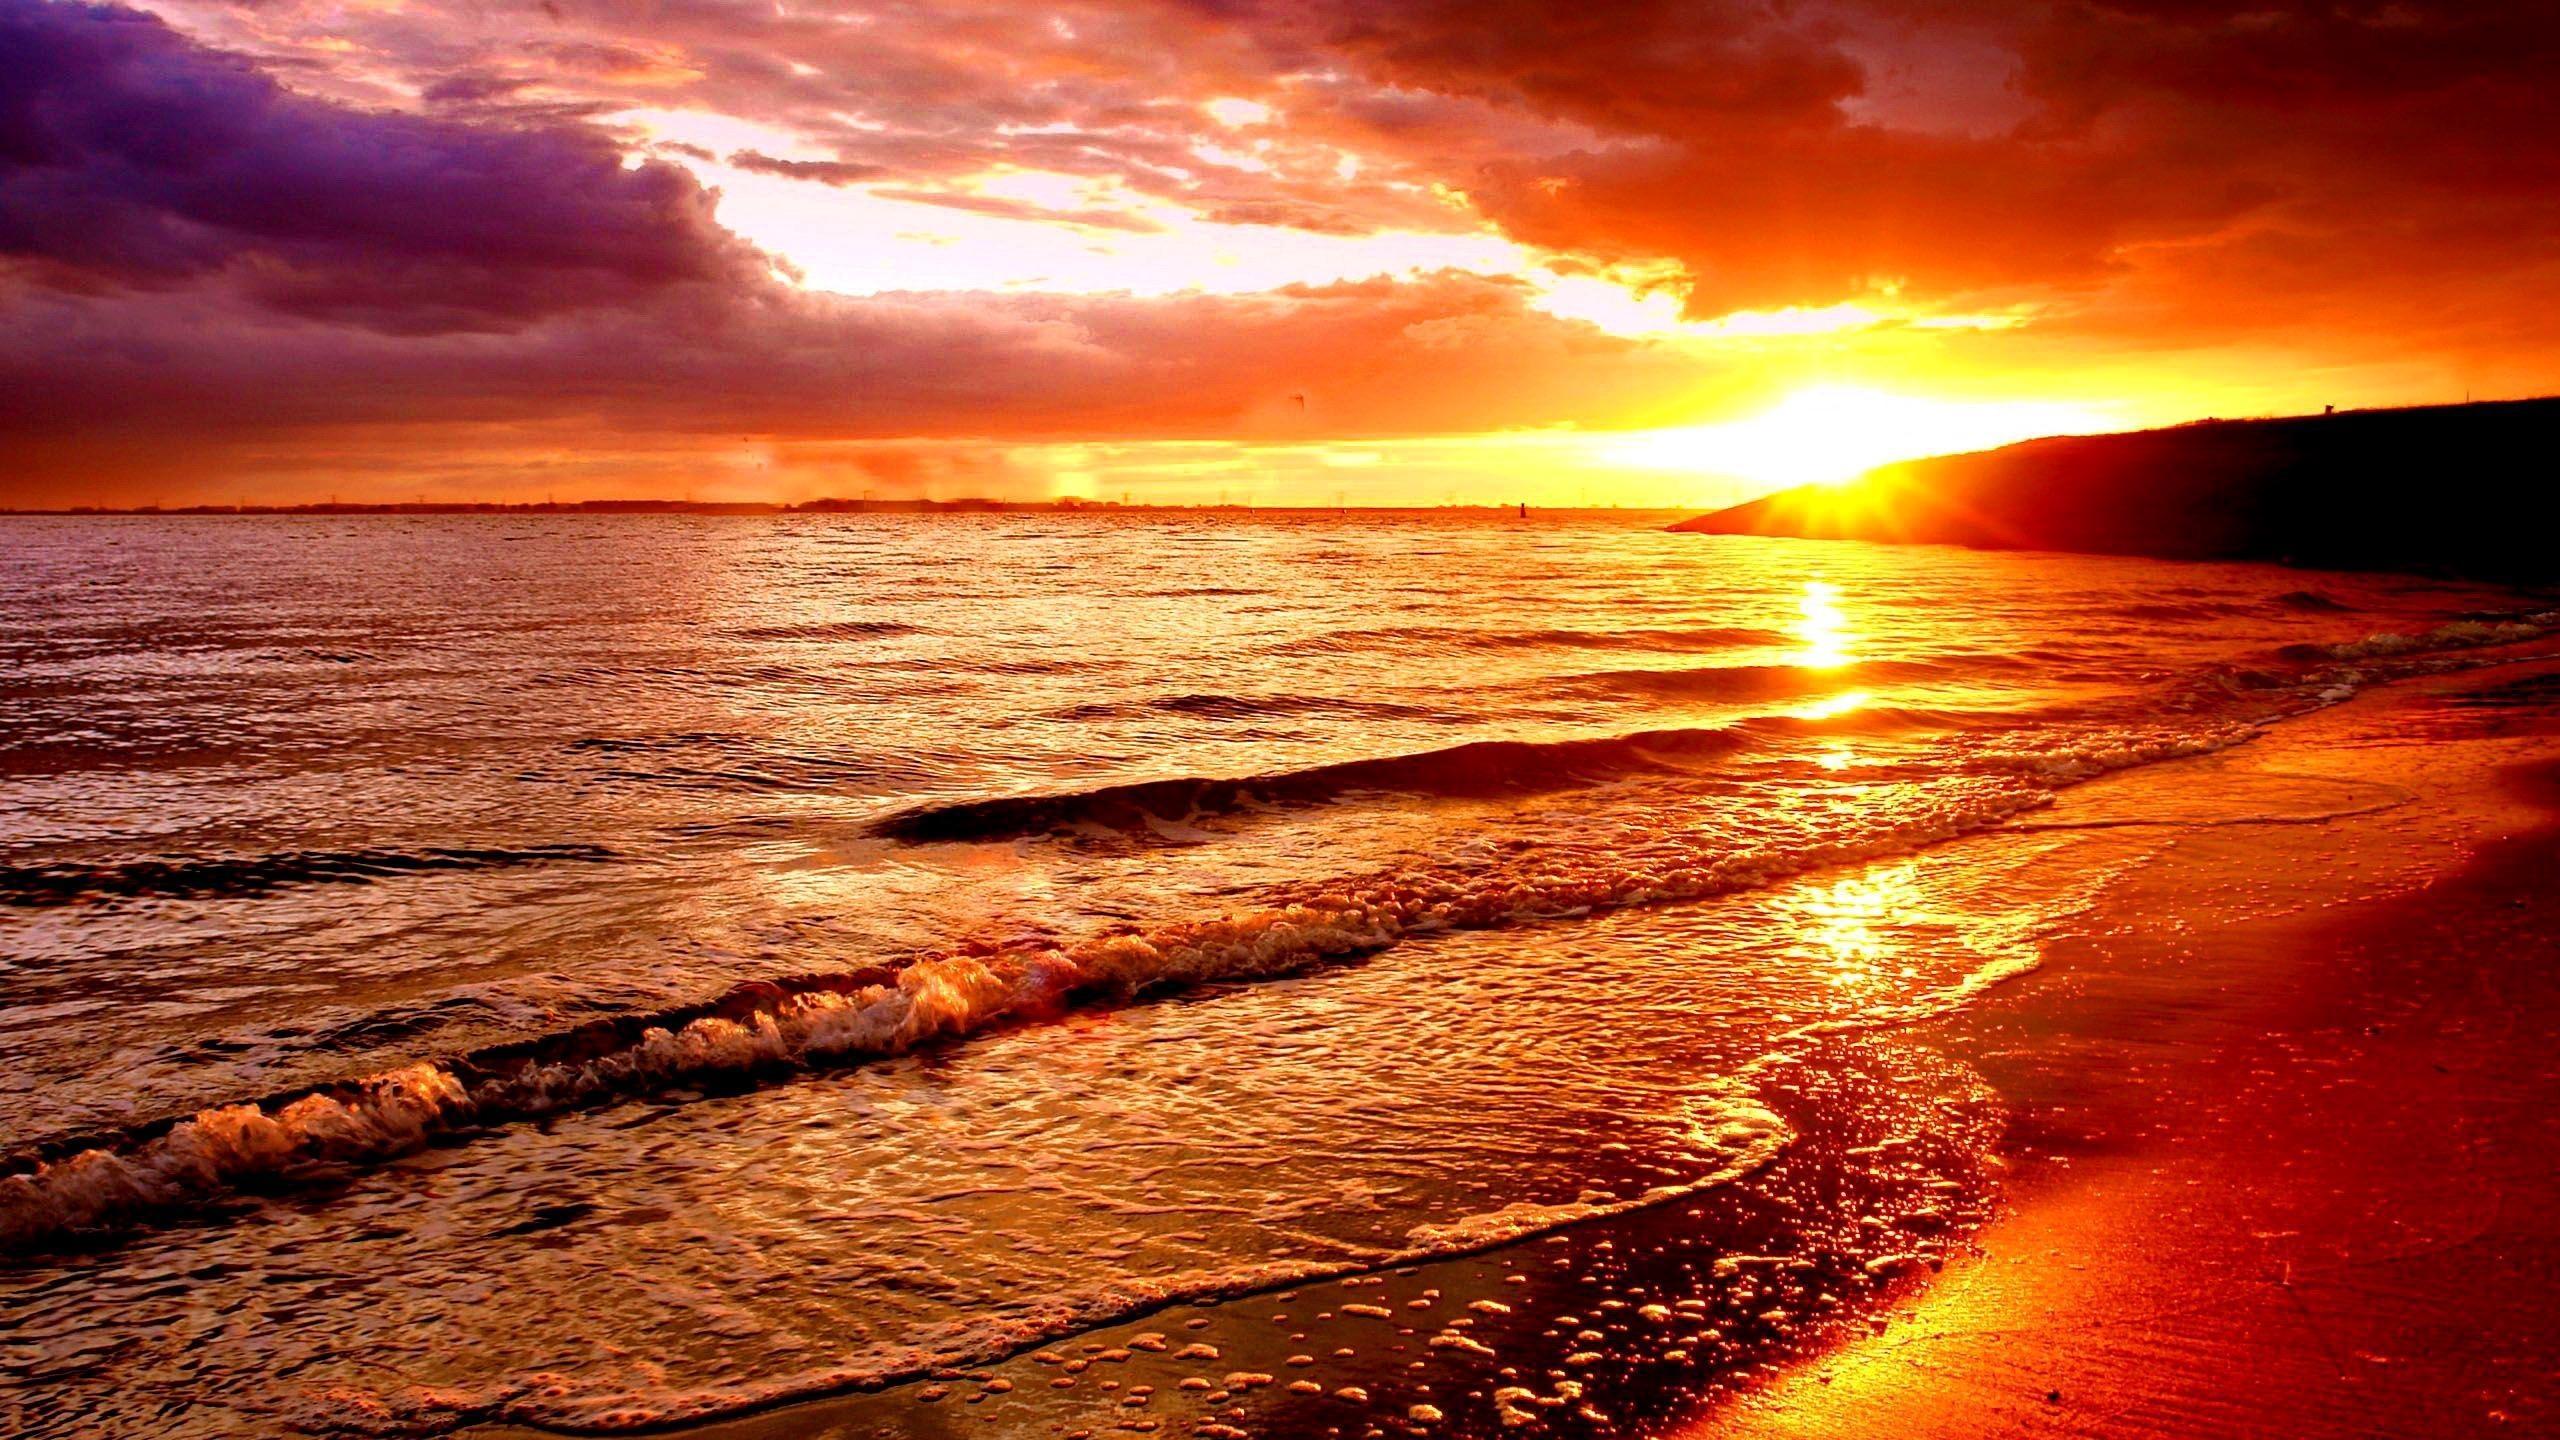 Sfondi mare hd 71 immagini for Sfondi desktop hd mare